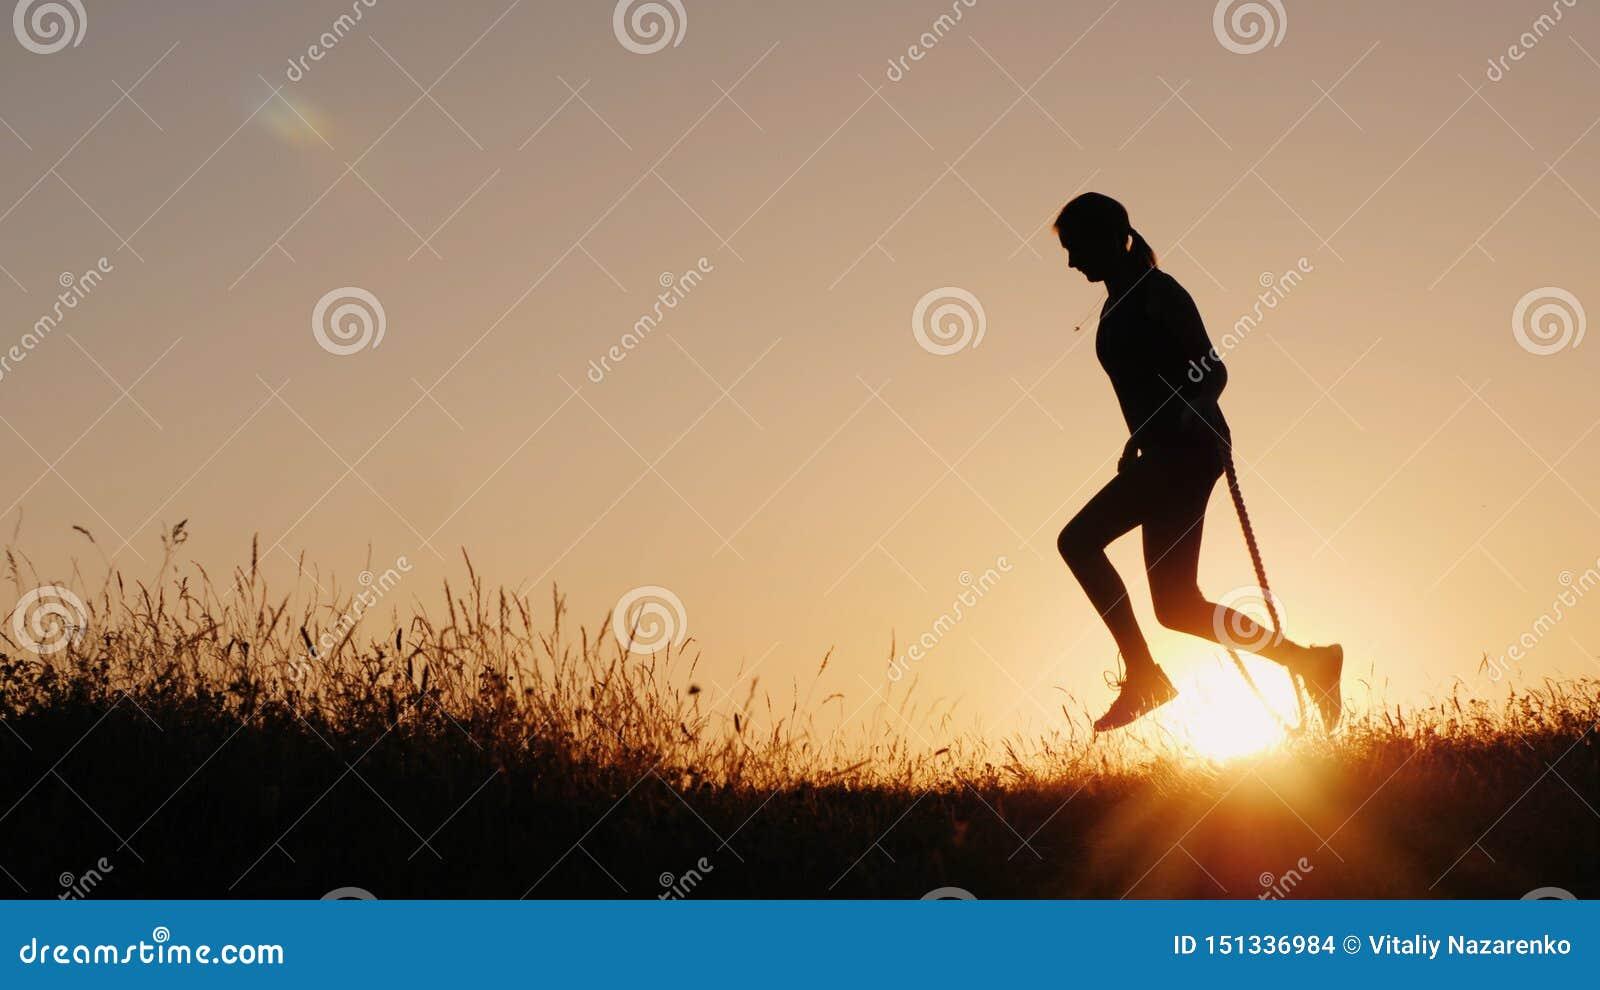 Silueta de una mujer - saltando a través de la cuerda en la puesta del sol